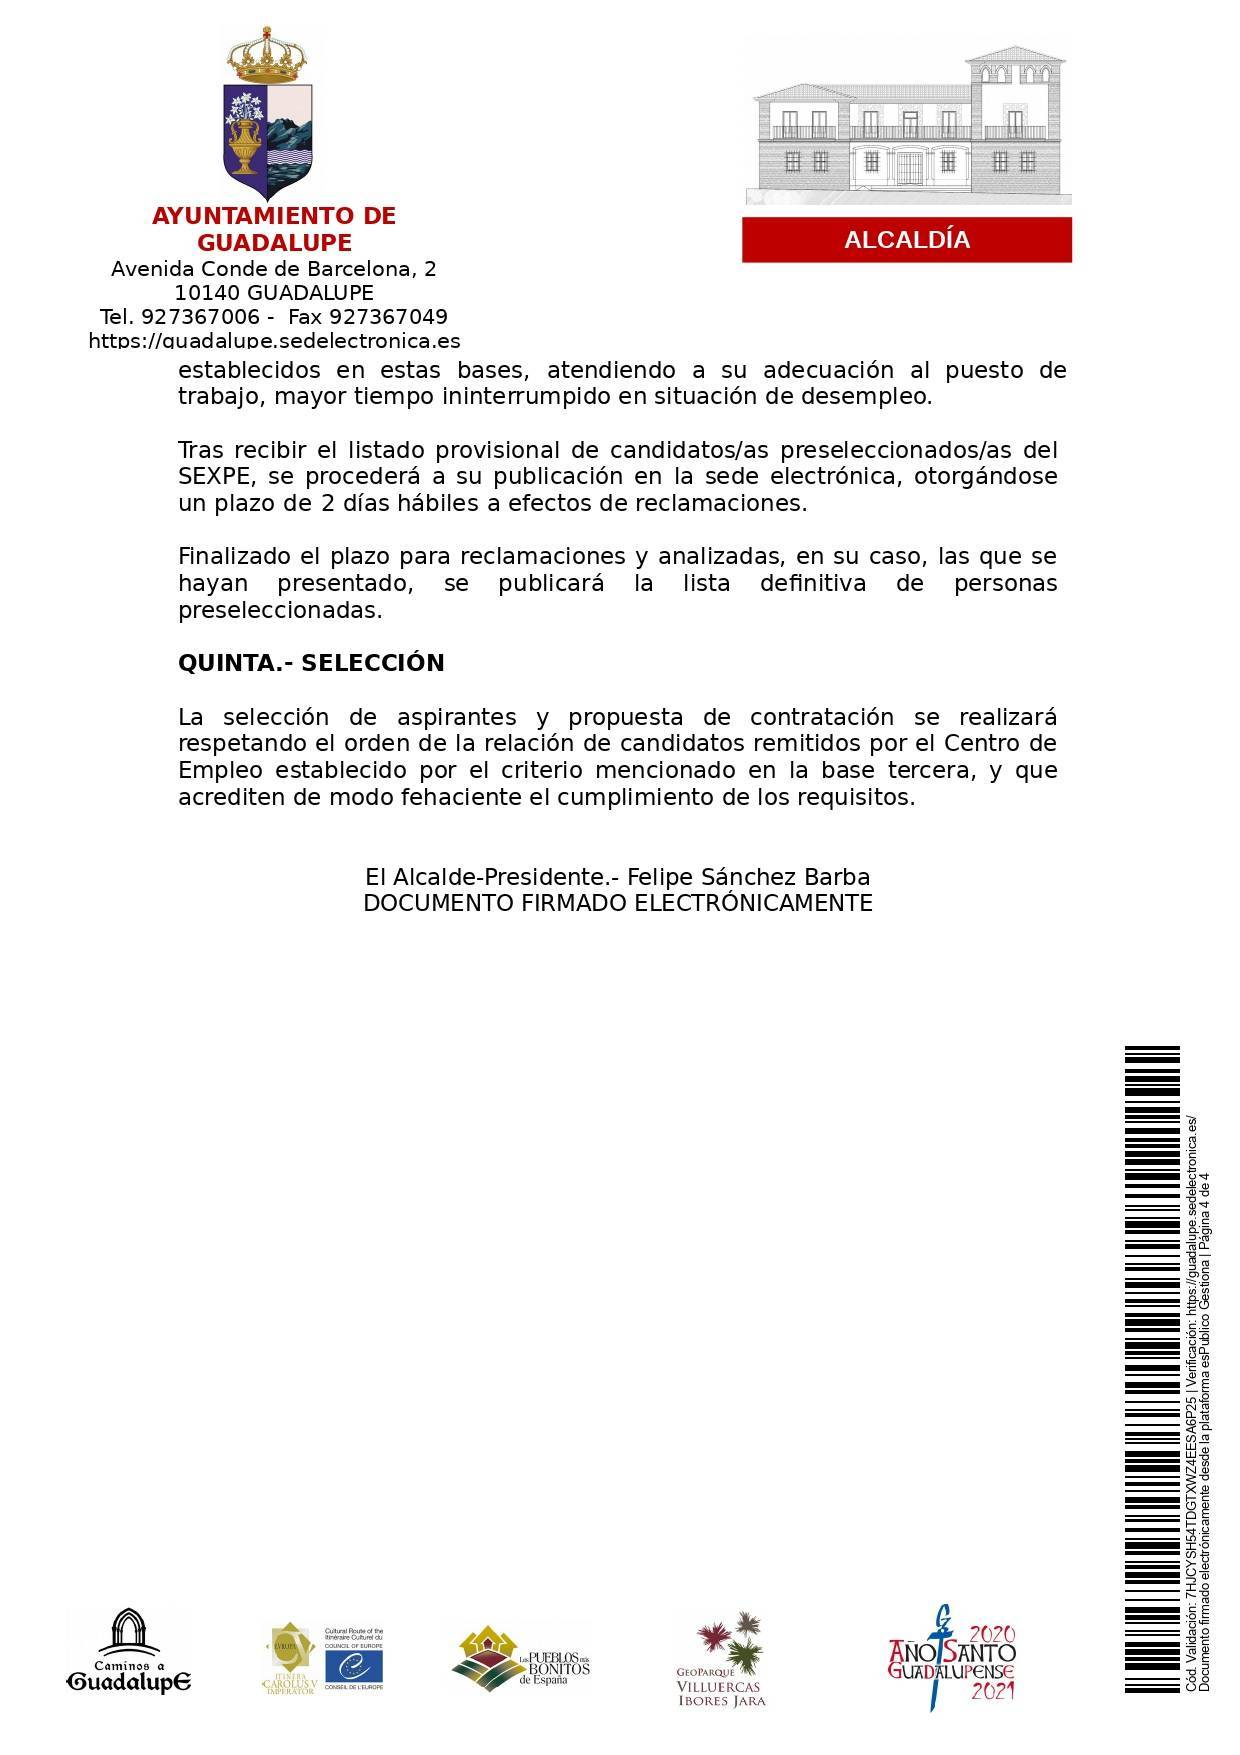 Auxiliar de ayuda a domicilio (2021) - Guadalupe (Cáceres) 4